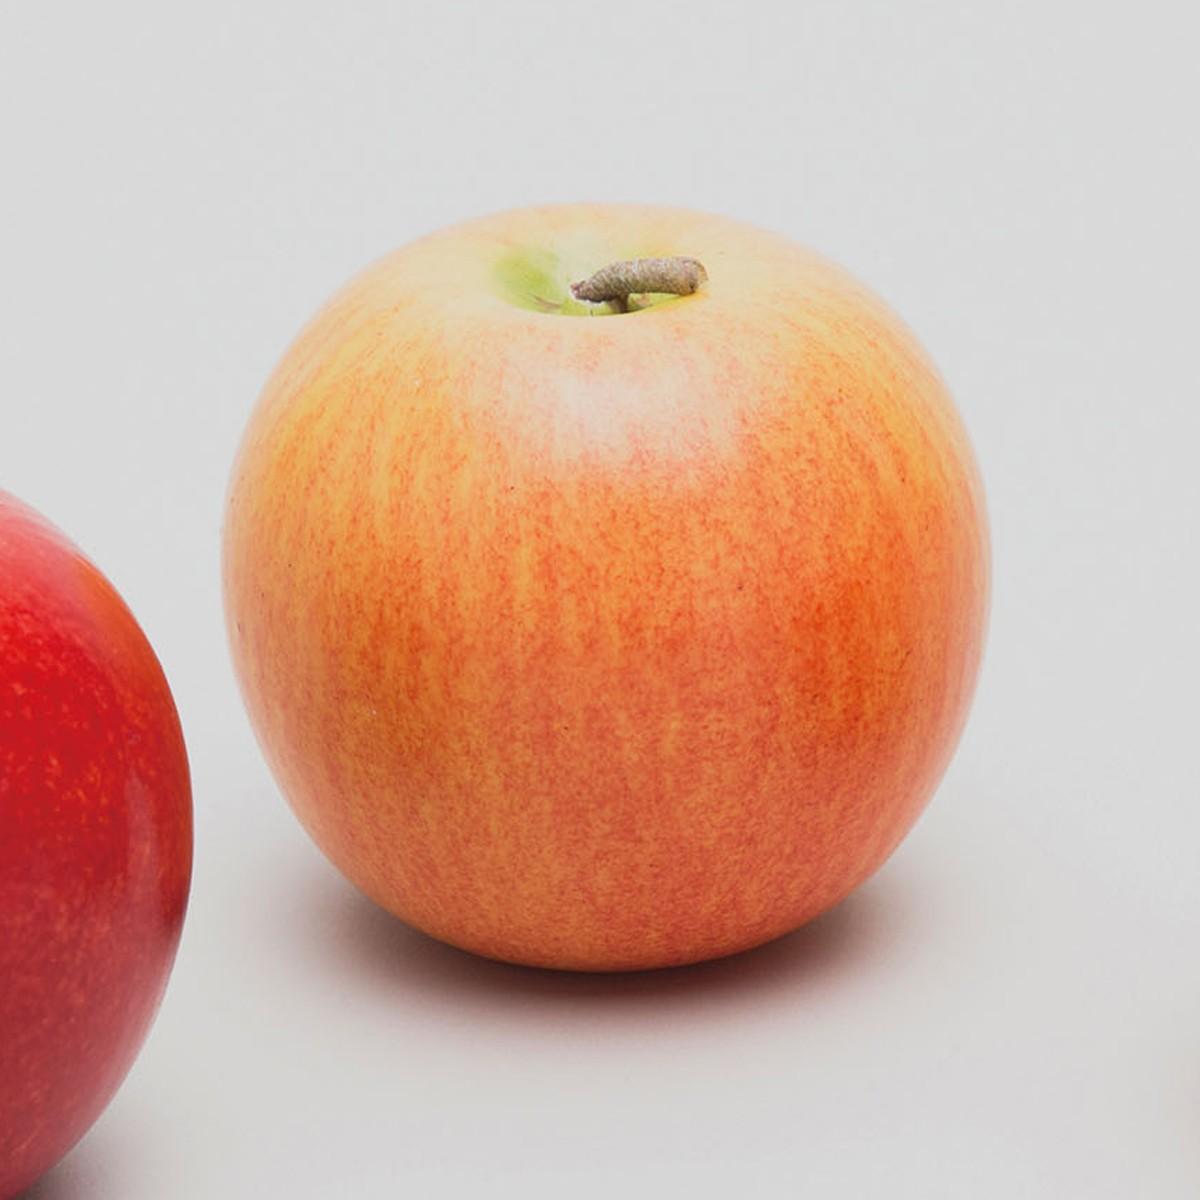 果物モデル りんご (ふじ) 12個セット 硬質スチロール製 【 デッサン スケッチ 絵画 モデル 果物 野菜 】